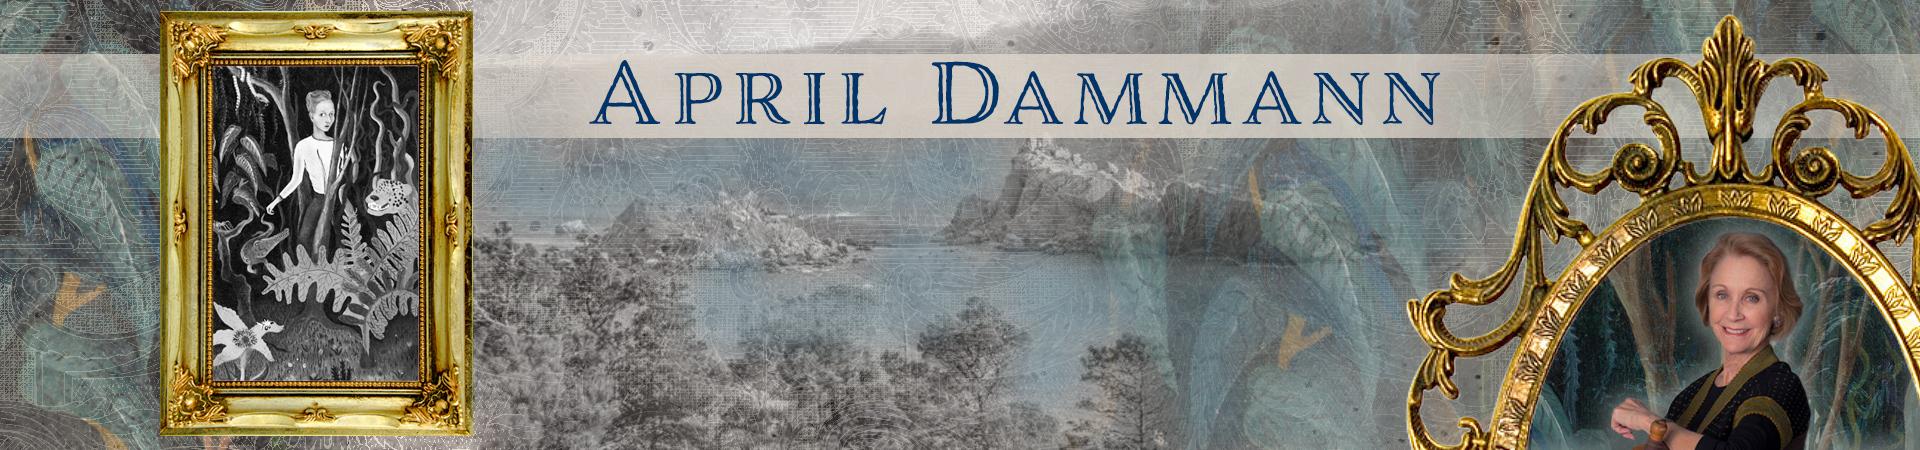 April Dammann